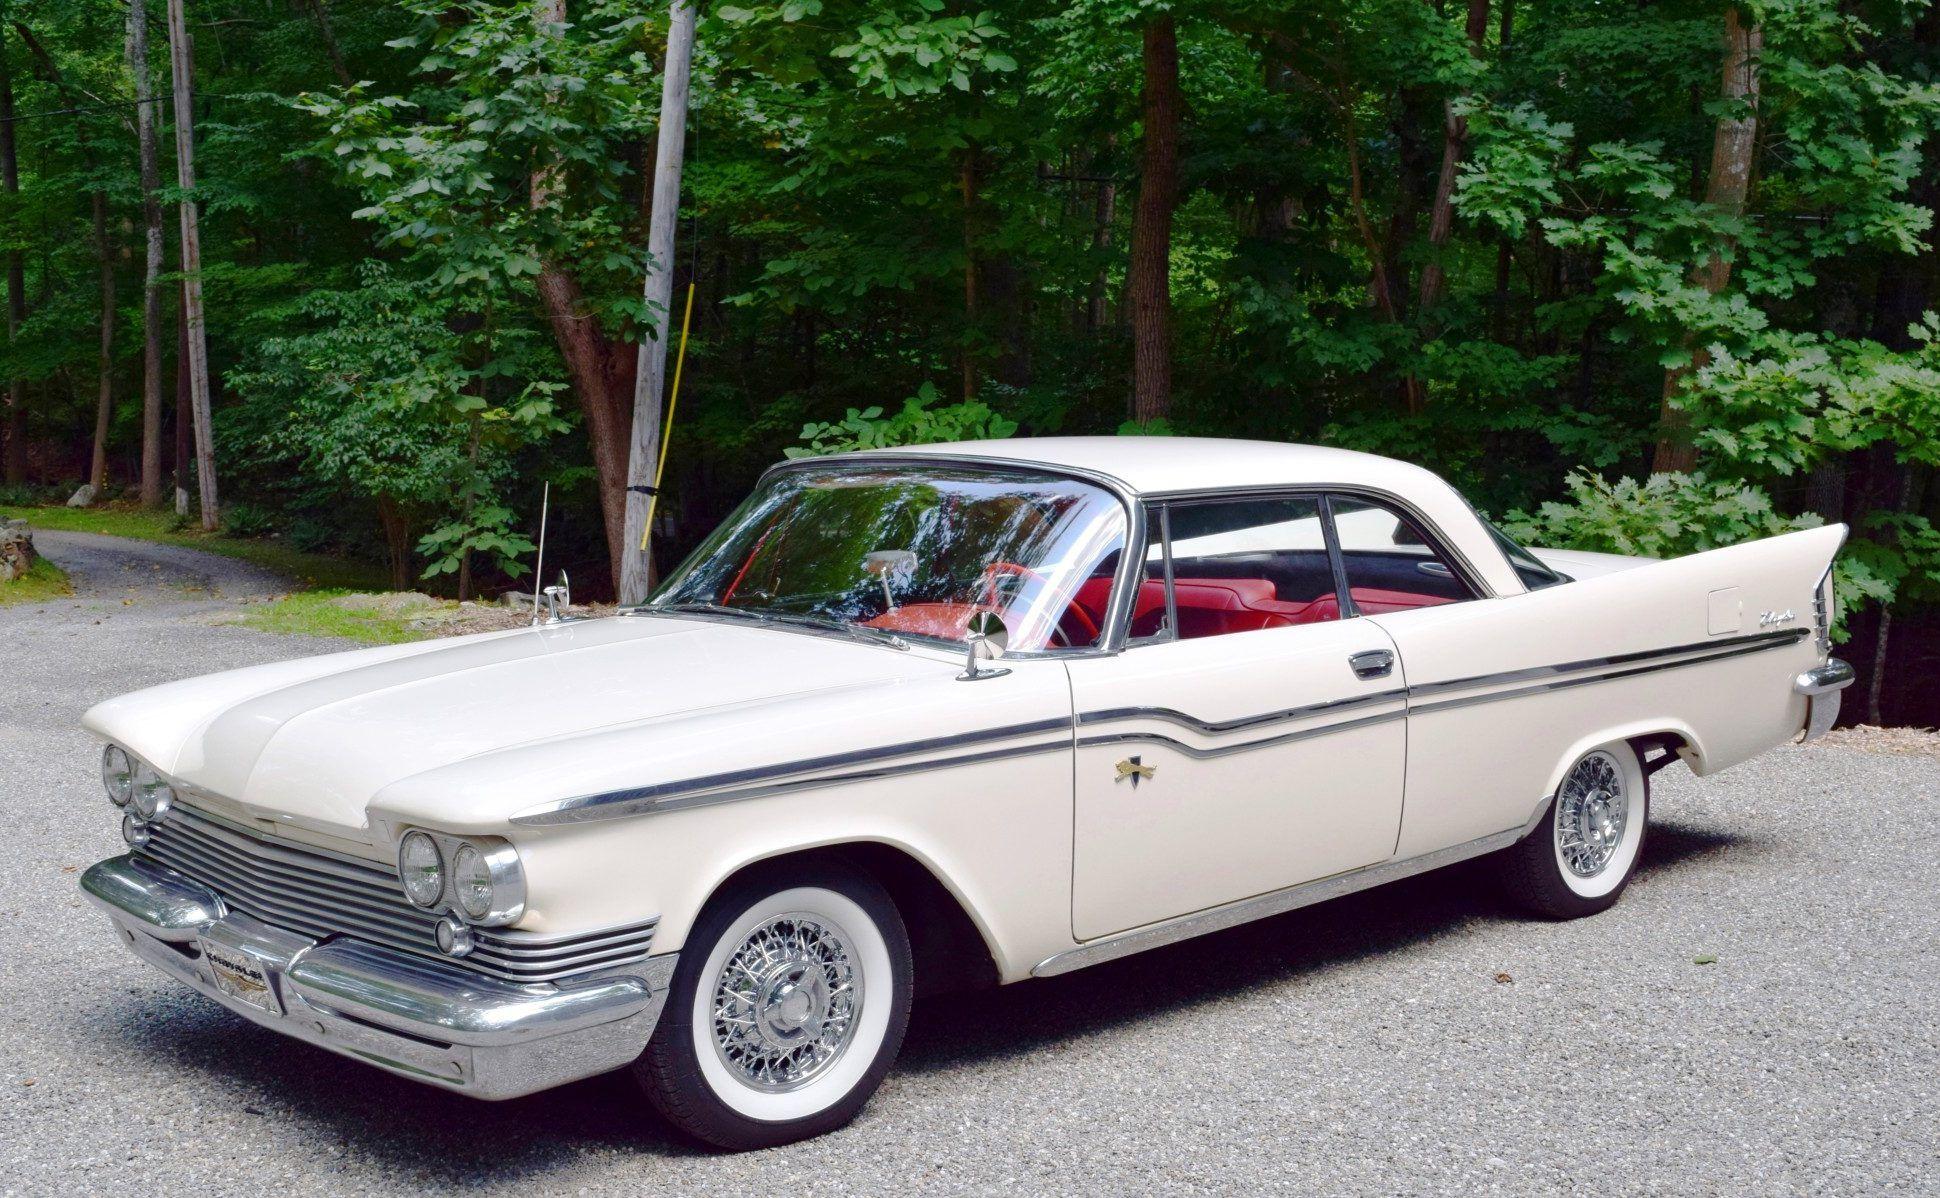 1959 Chrysler Windsor Two